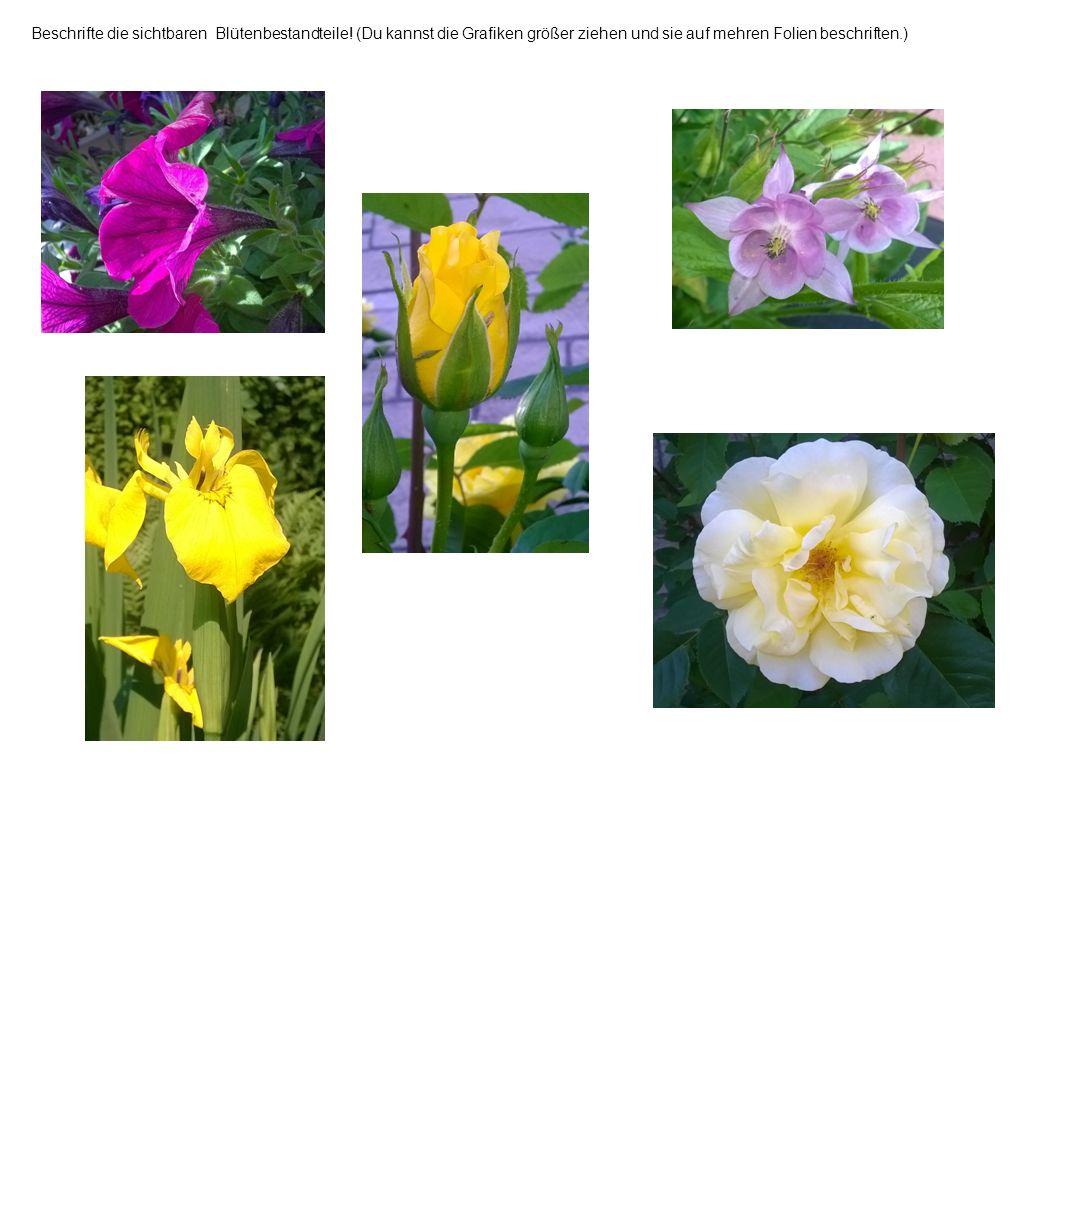 Beschrifte die sichtbaren Blütenbestandteile